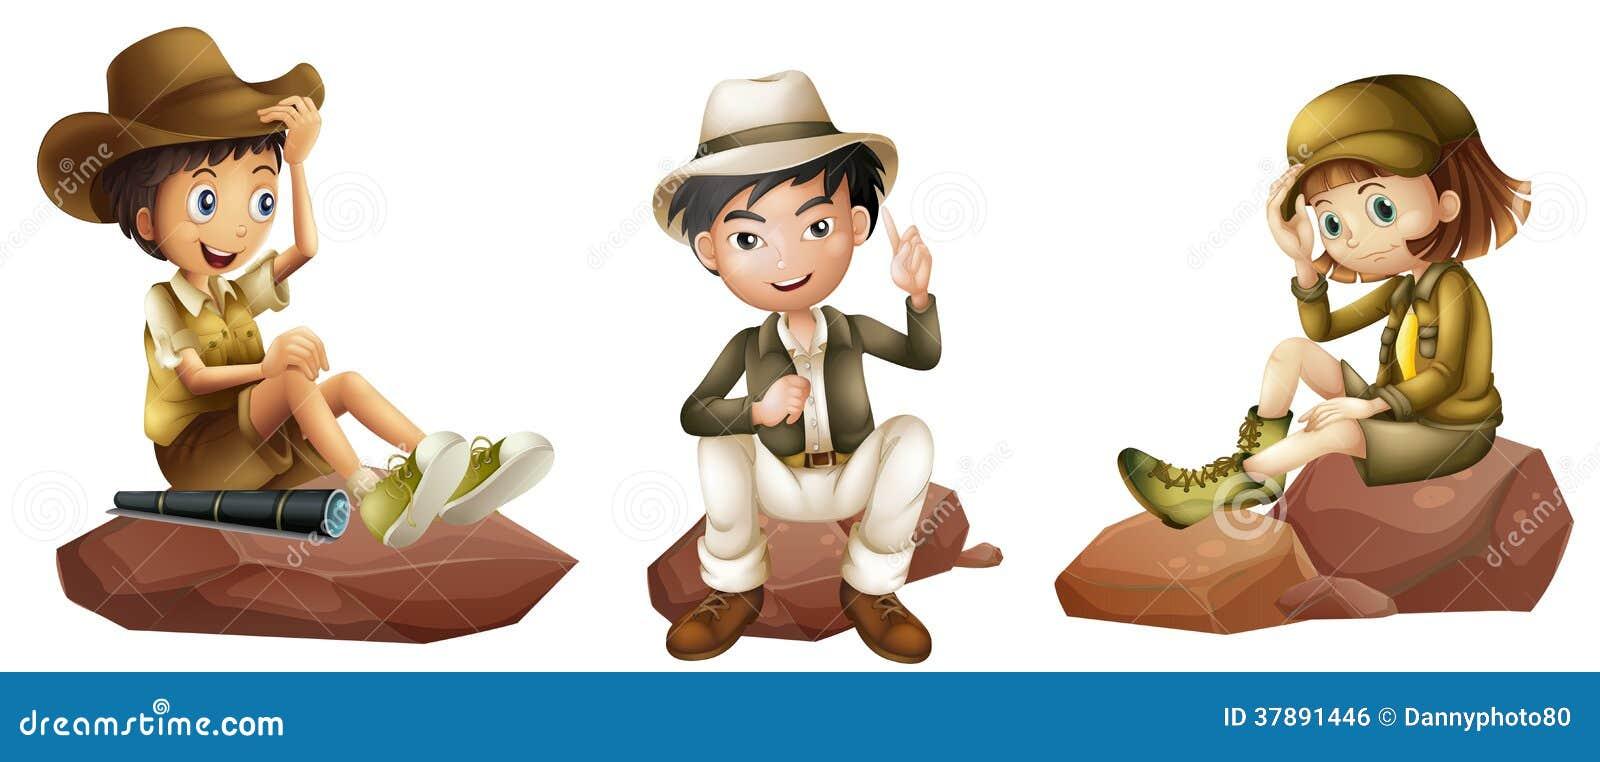 三位年轻探险家图片